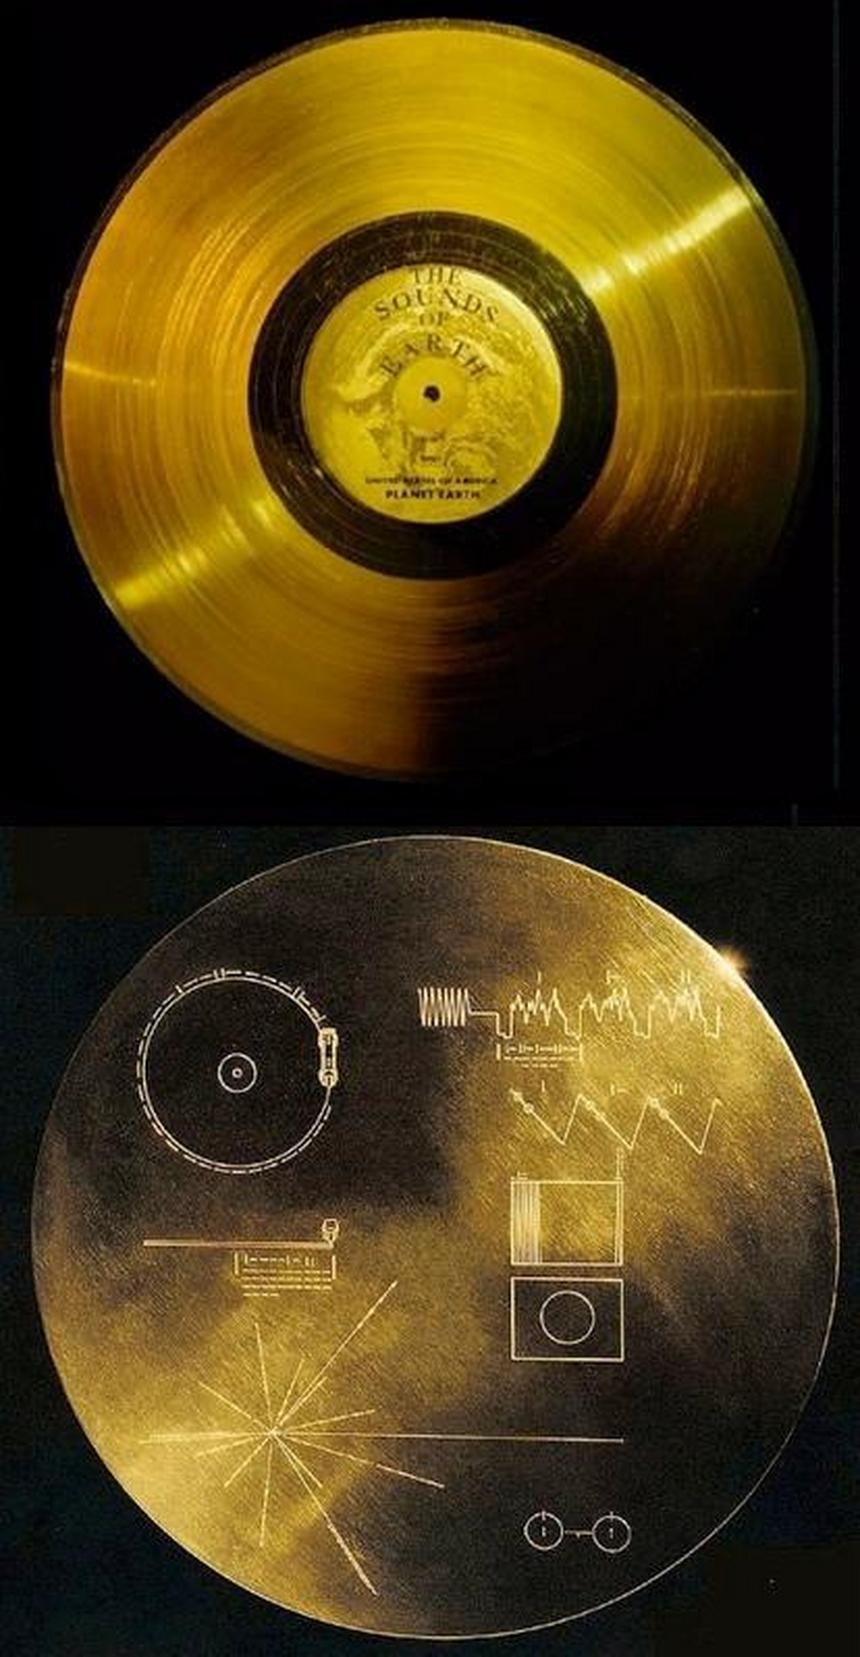 Płyta z muzyką i obrazami z Ziemi umieszczona na sondzie Voyager. źródło: sindramas.com